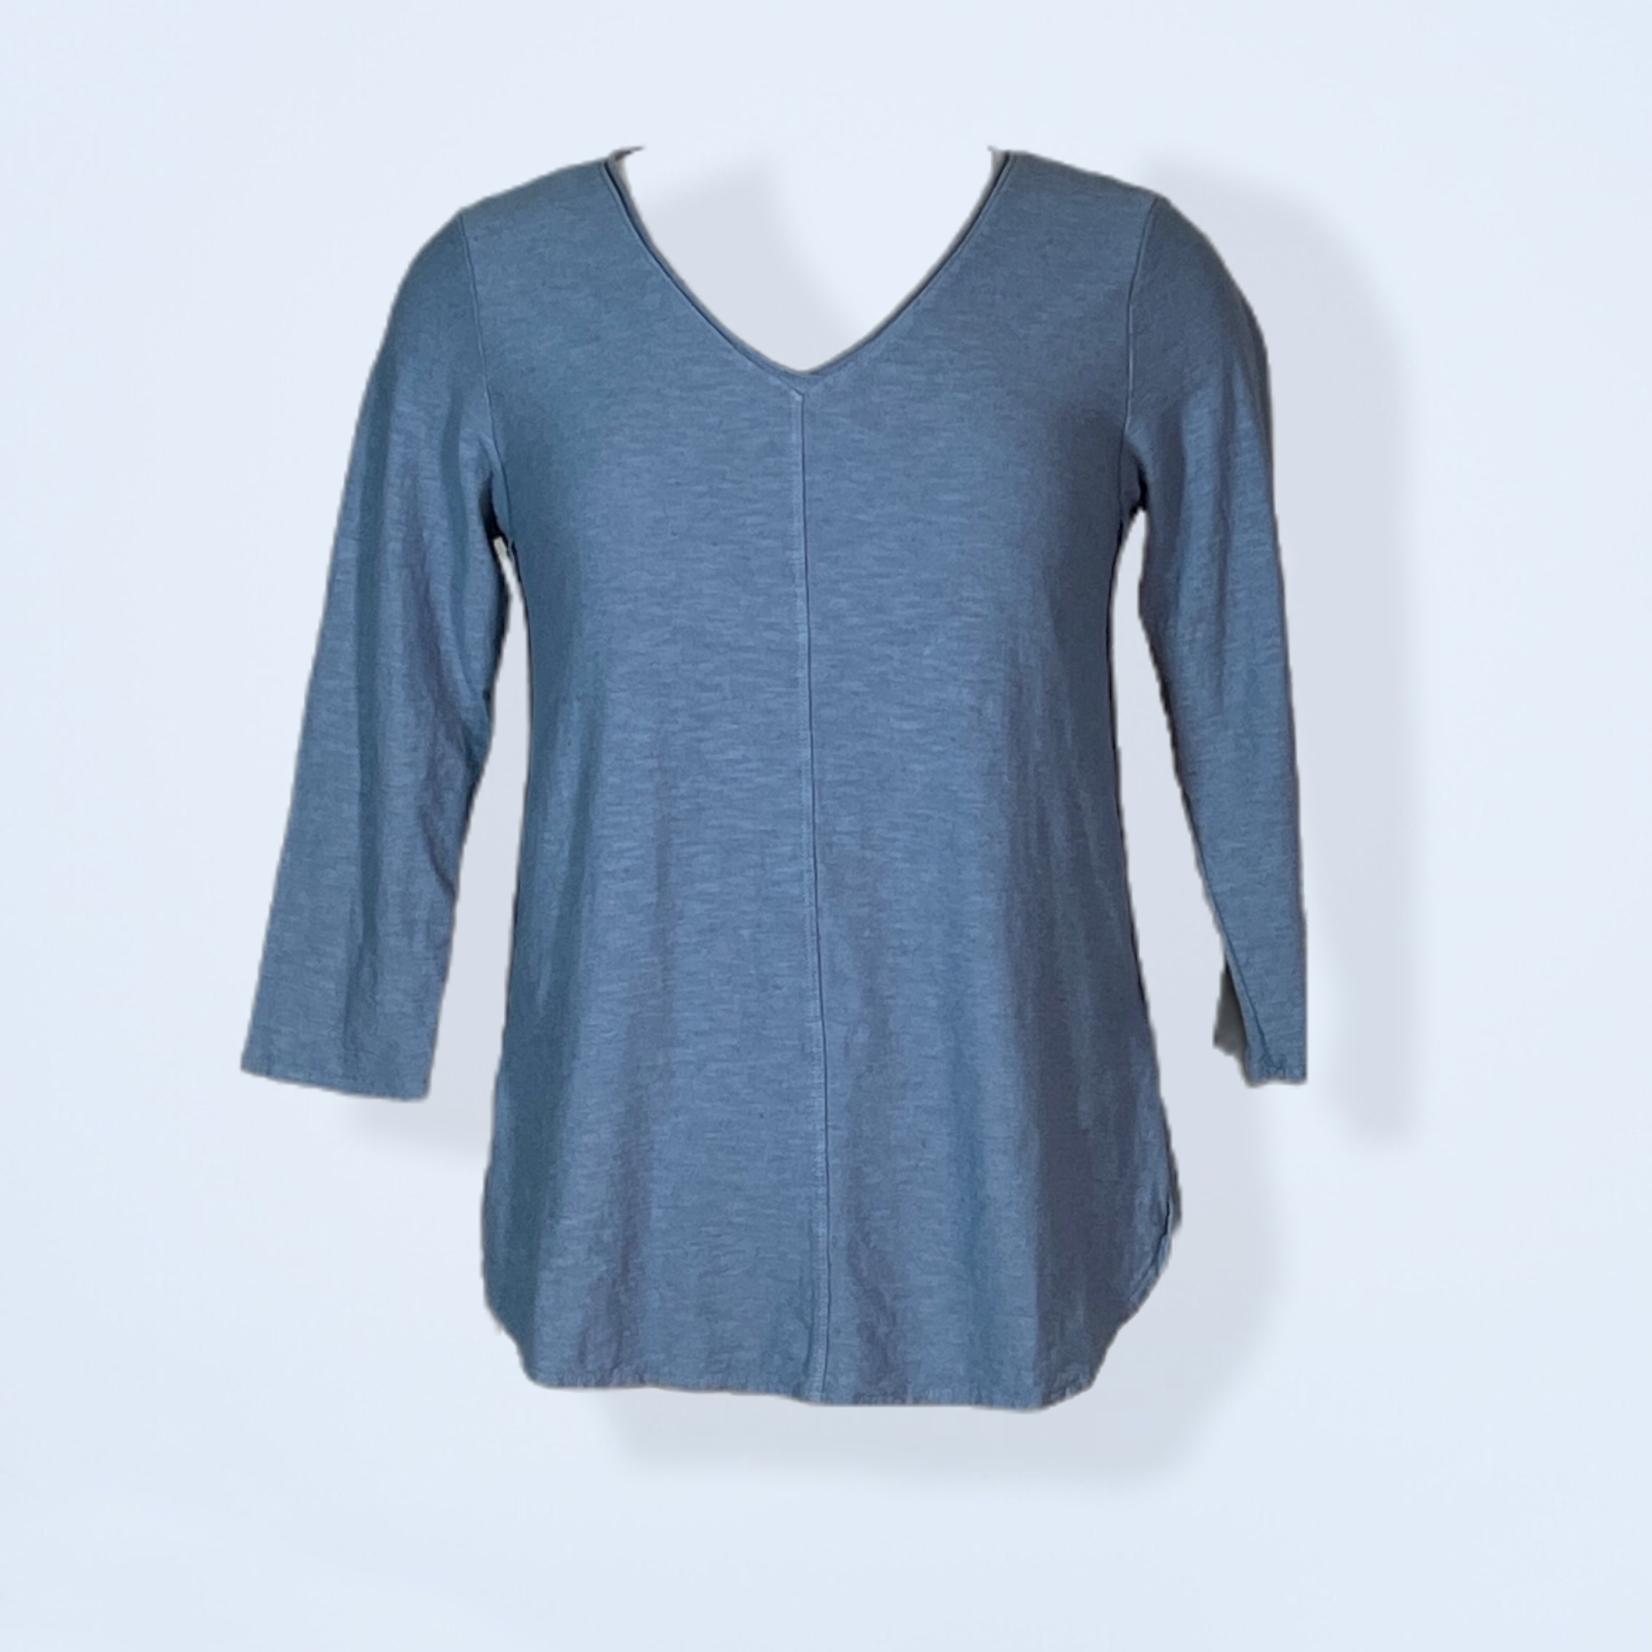 V Neck 3/4 Sleeve Linen Cotton Top